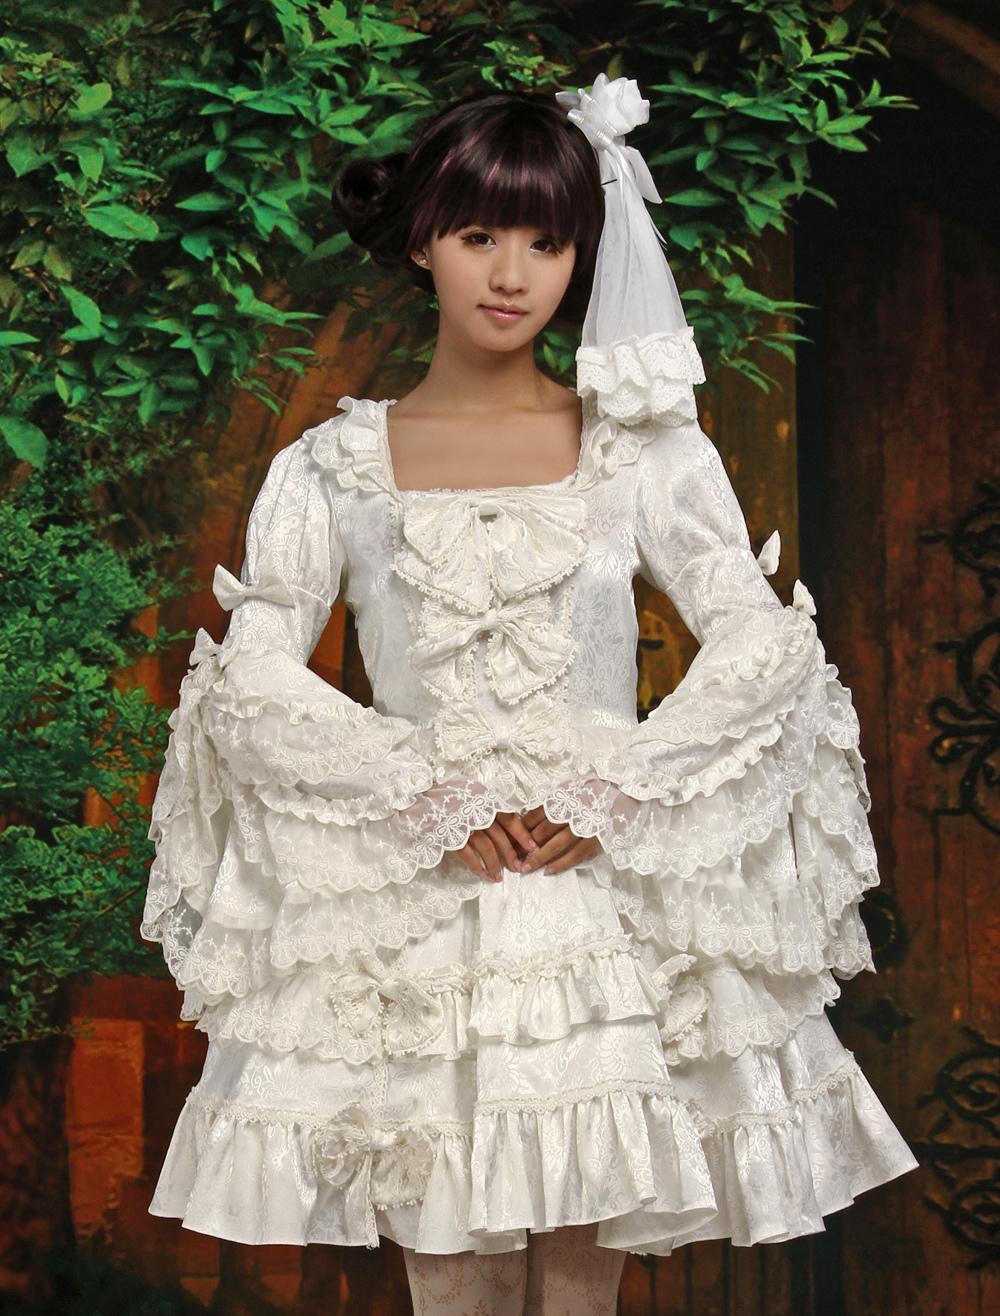 Lolitashow Reine weiße Lolita einteiliges Kleid lange Hime Ärmel ...